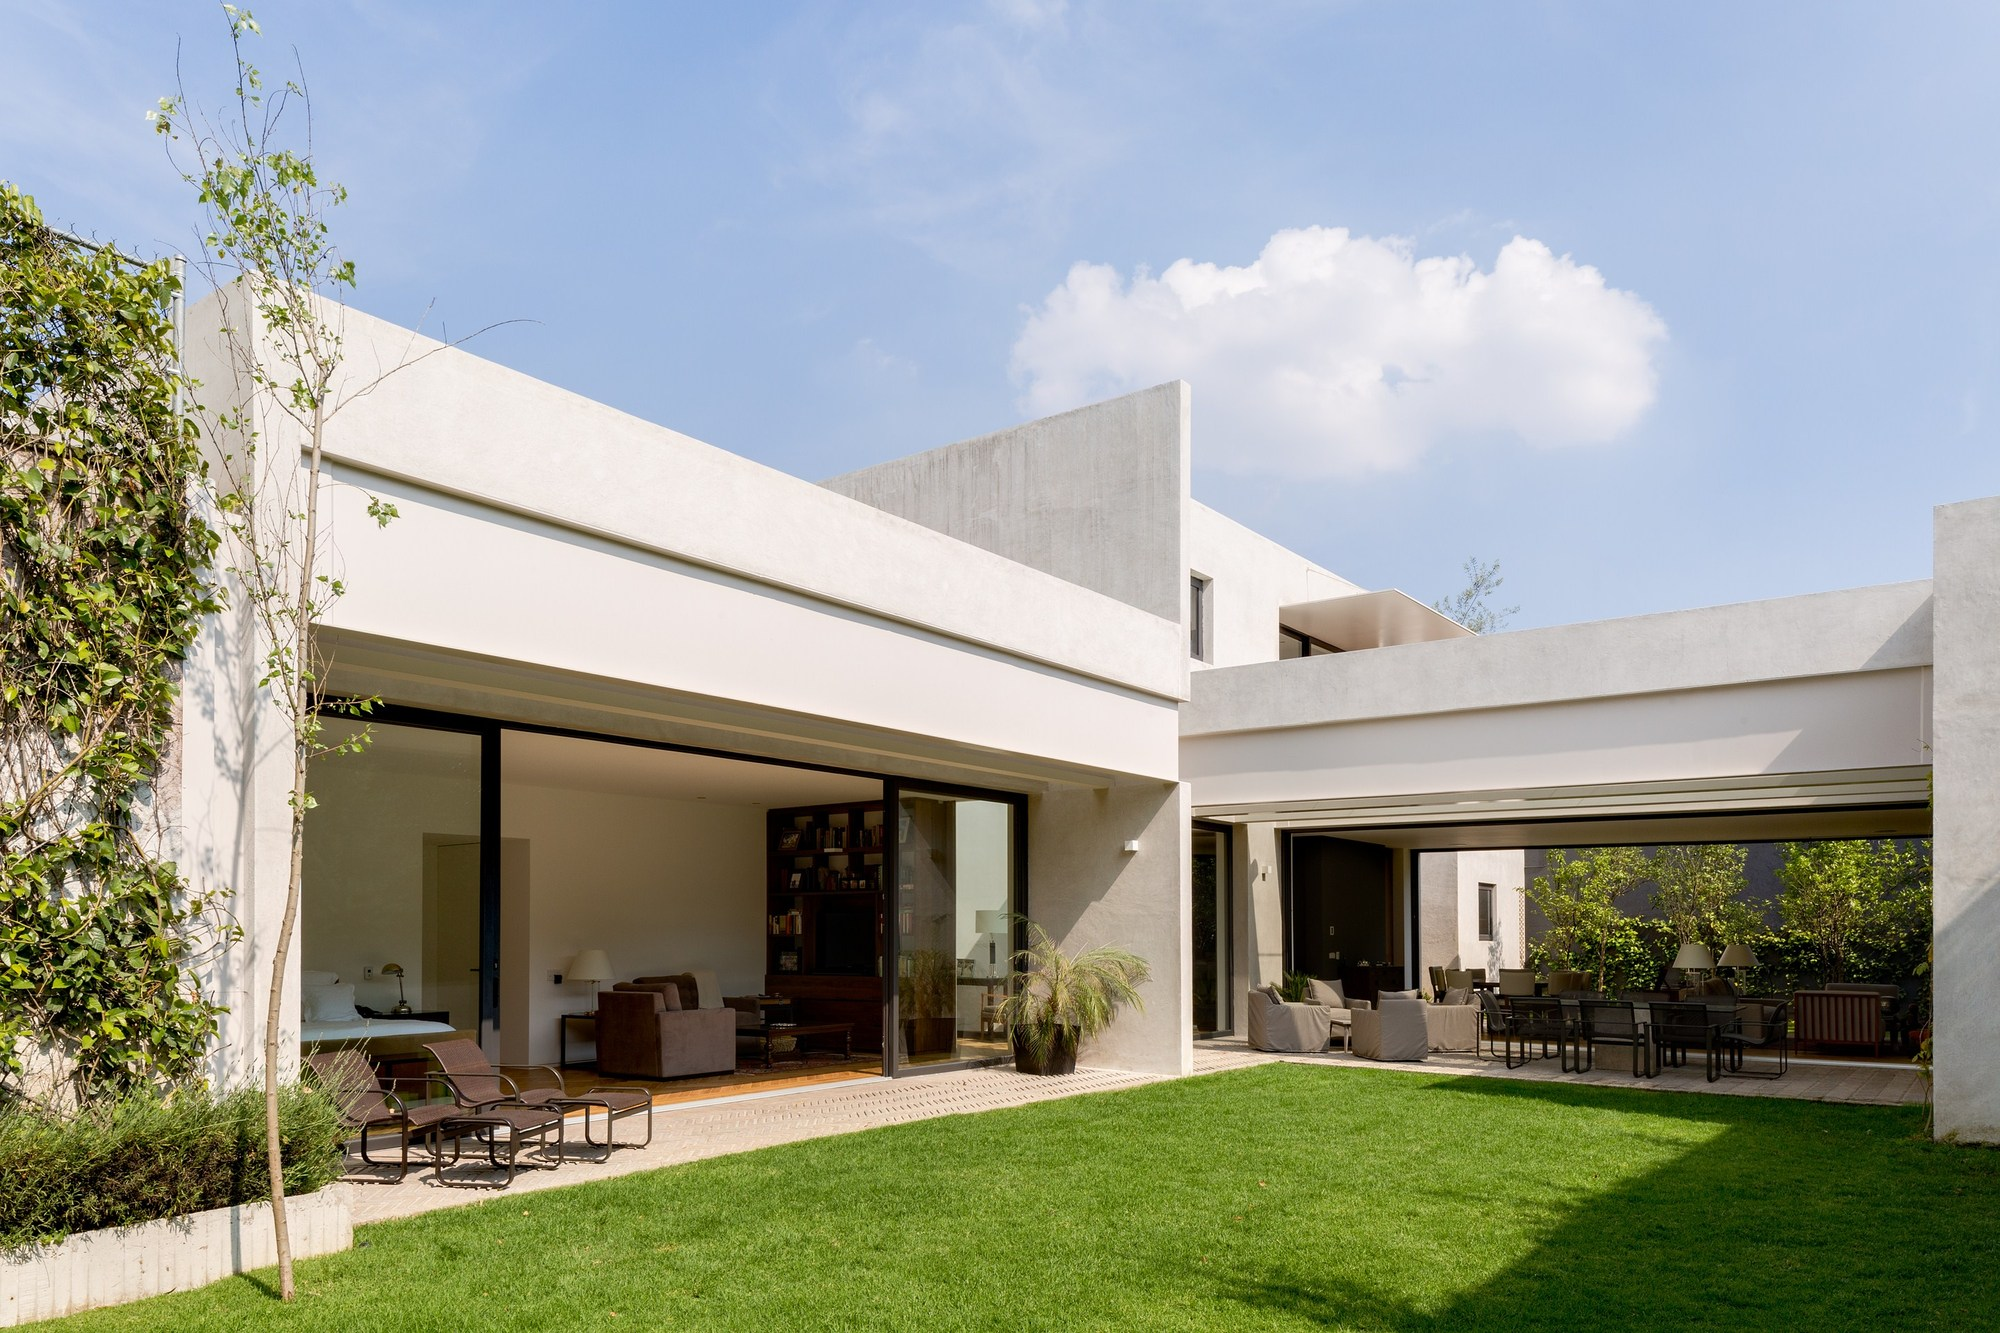 Garden House Dcpp Arquitectos Archdaily